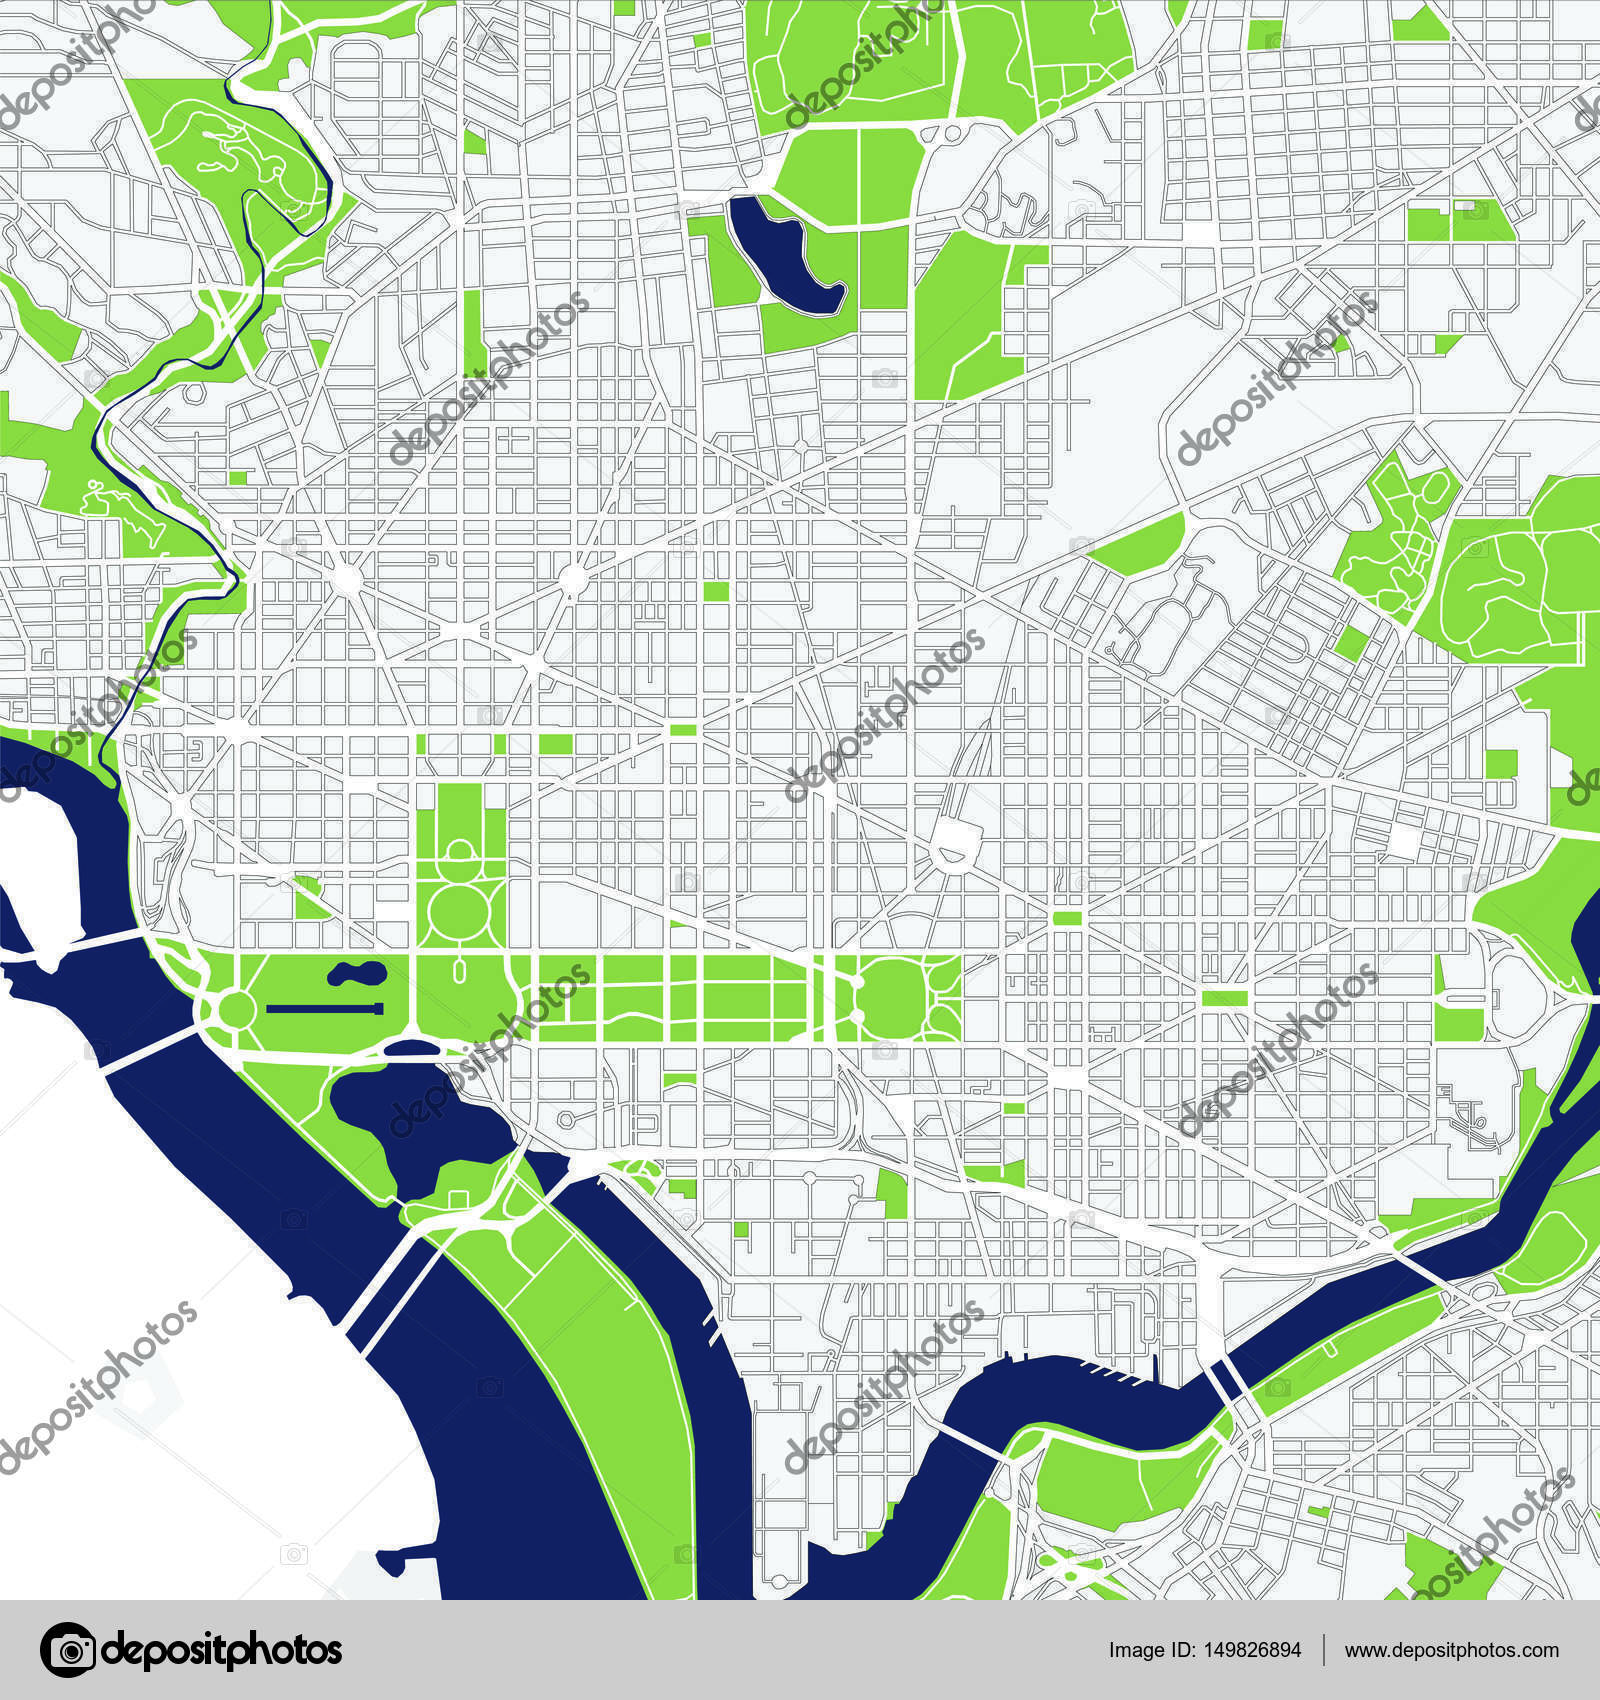 map of the city of Washington DC USA Stock Photo tish11